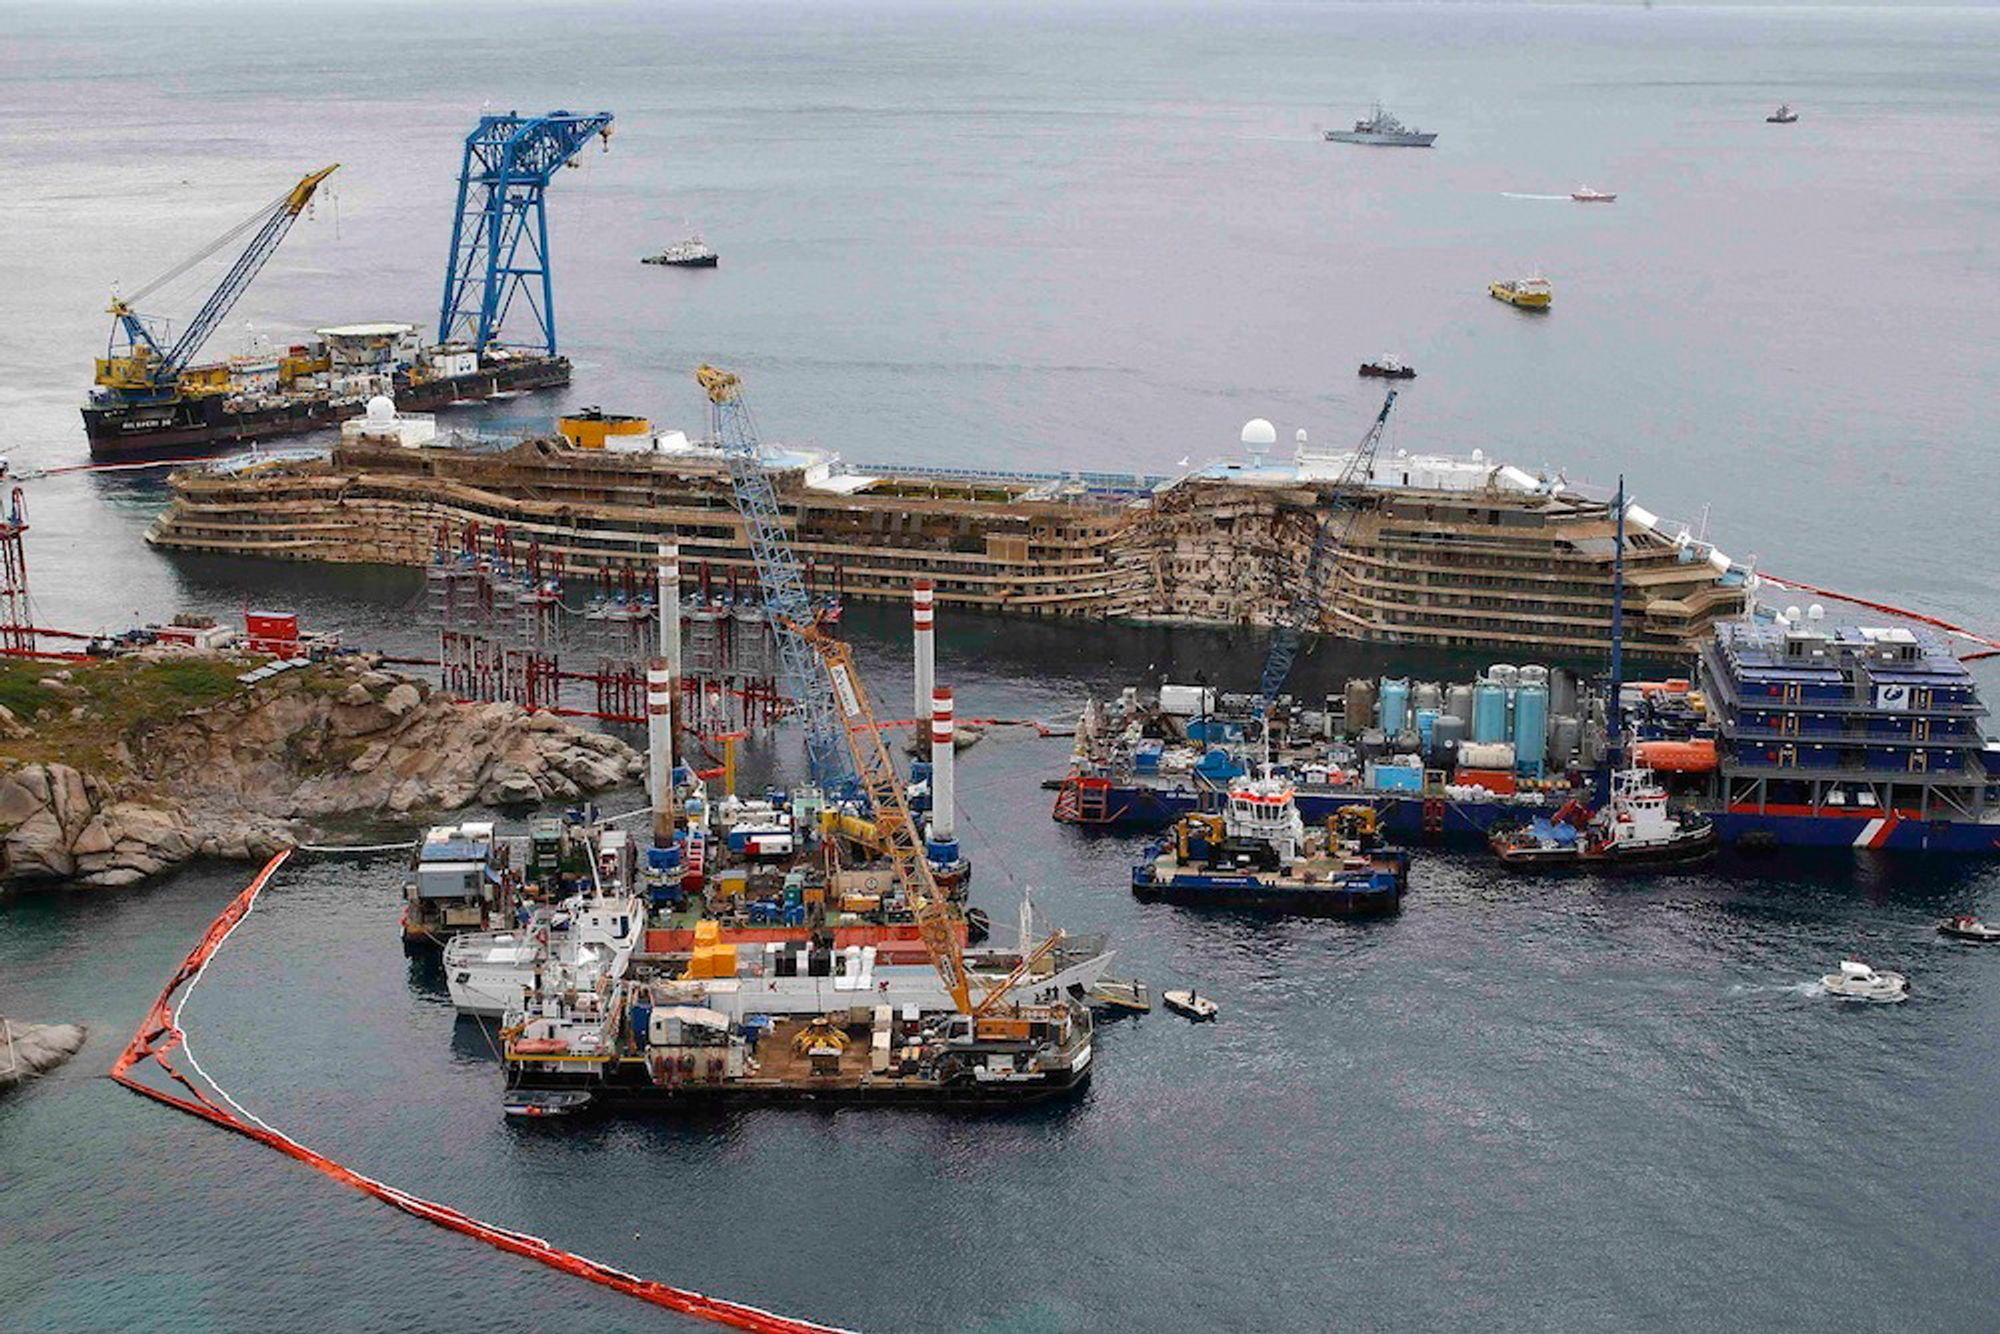 Støtt: Costa Concordia ble i september i fjor sakte dreiet over og rettet opp. En plattform og foreløpig havbunn ble bygget opp under henne. 30 pongtonger skal få skipet flytende 18.-20. juli i sommer.